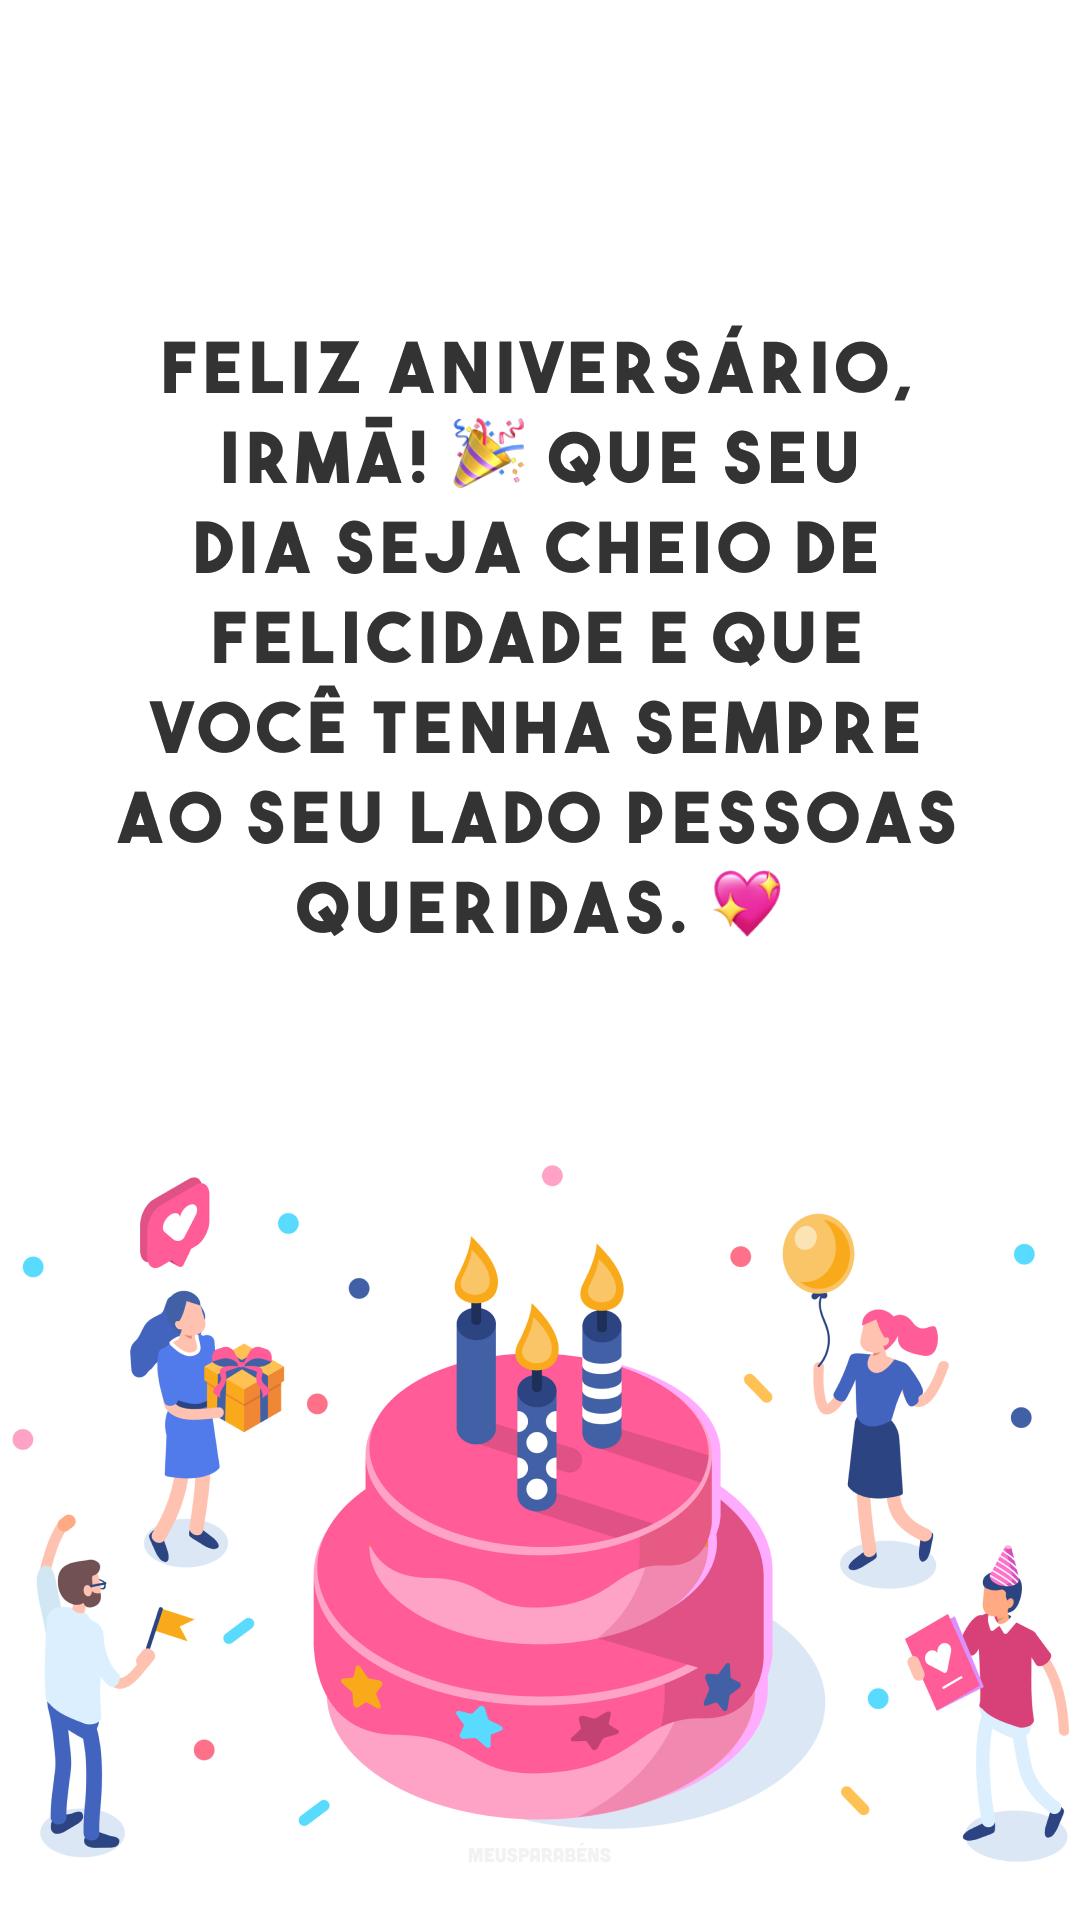 Feliz aniversário, irmã! 🎉 Que seu dia seja cheio de felicidade e que você tenha sempre ao seu lado pessoas queridas. 💖